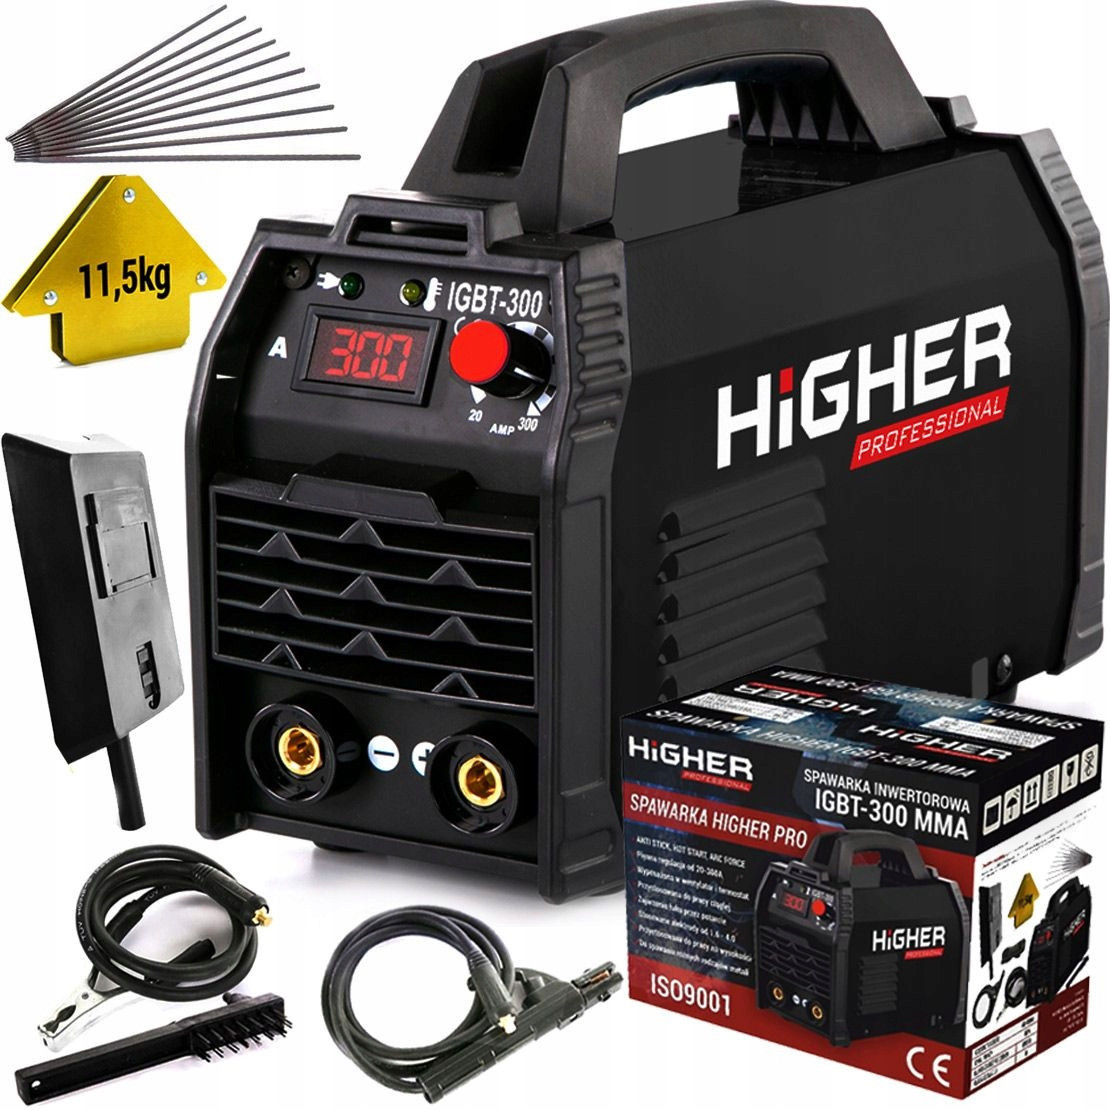 Инверторный сварочный аппарат HIGHER IGBT-300A